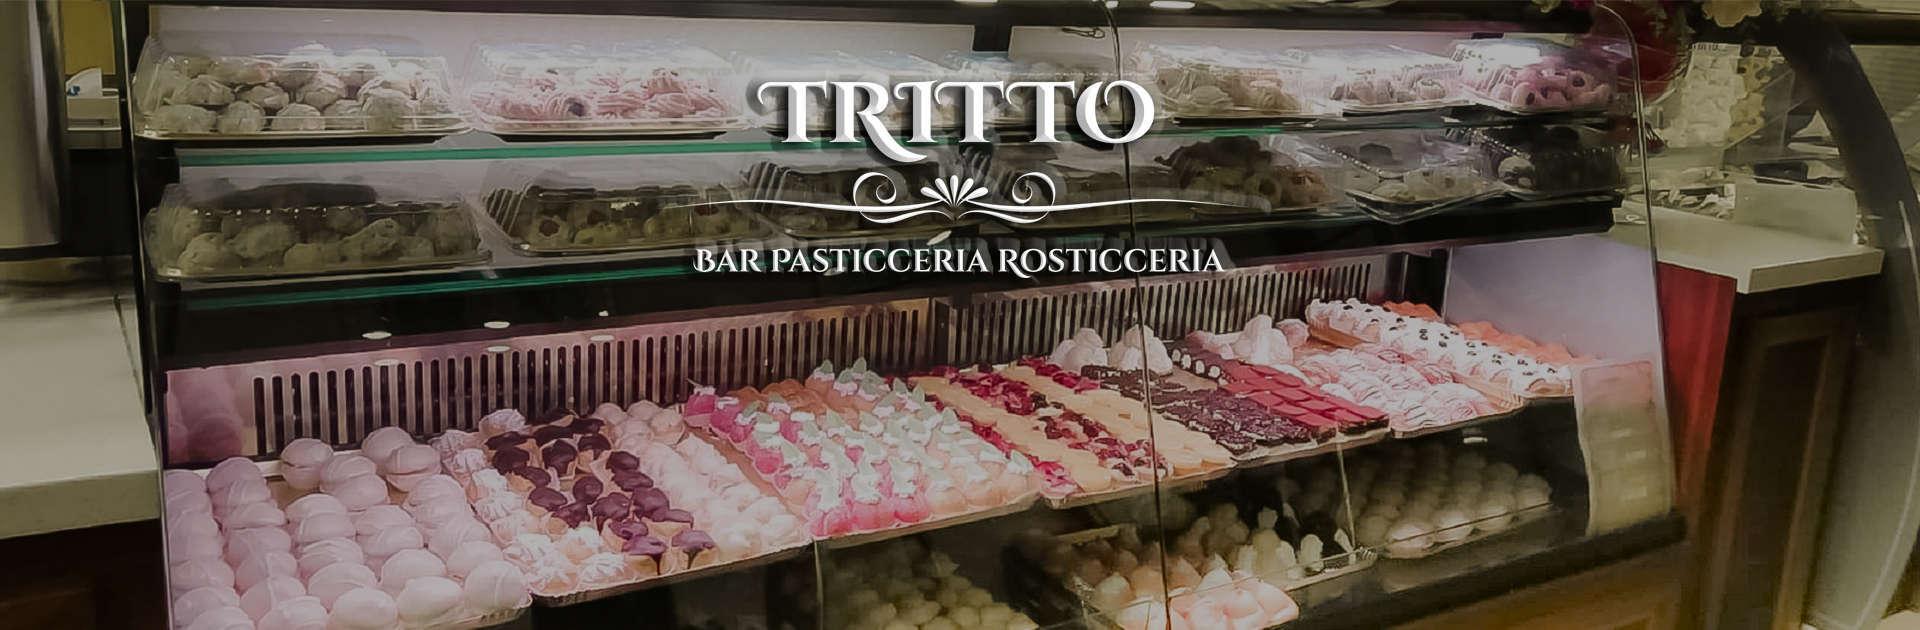 pasticceria tritto ok